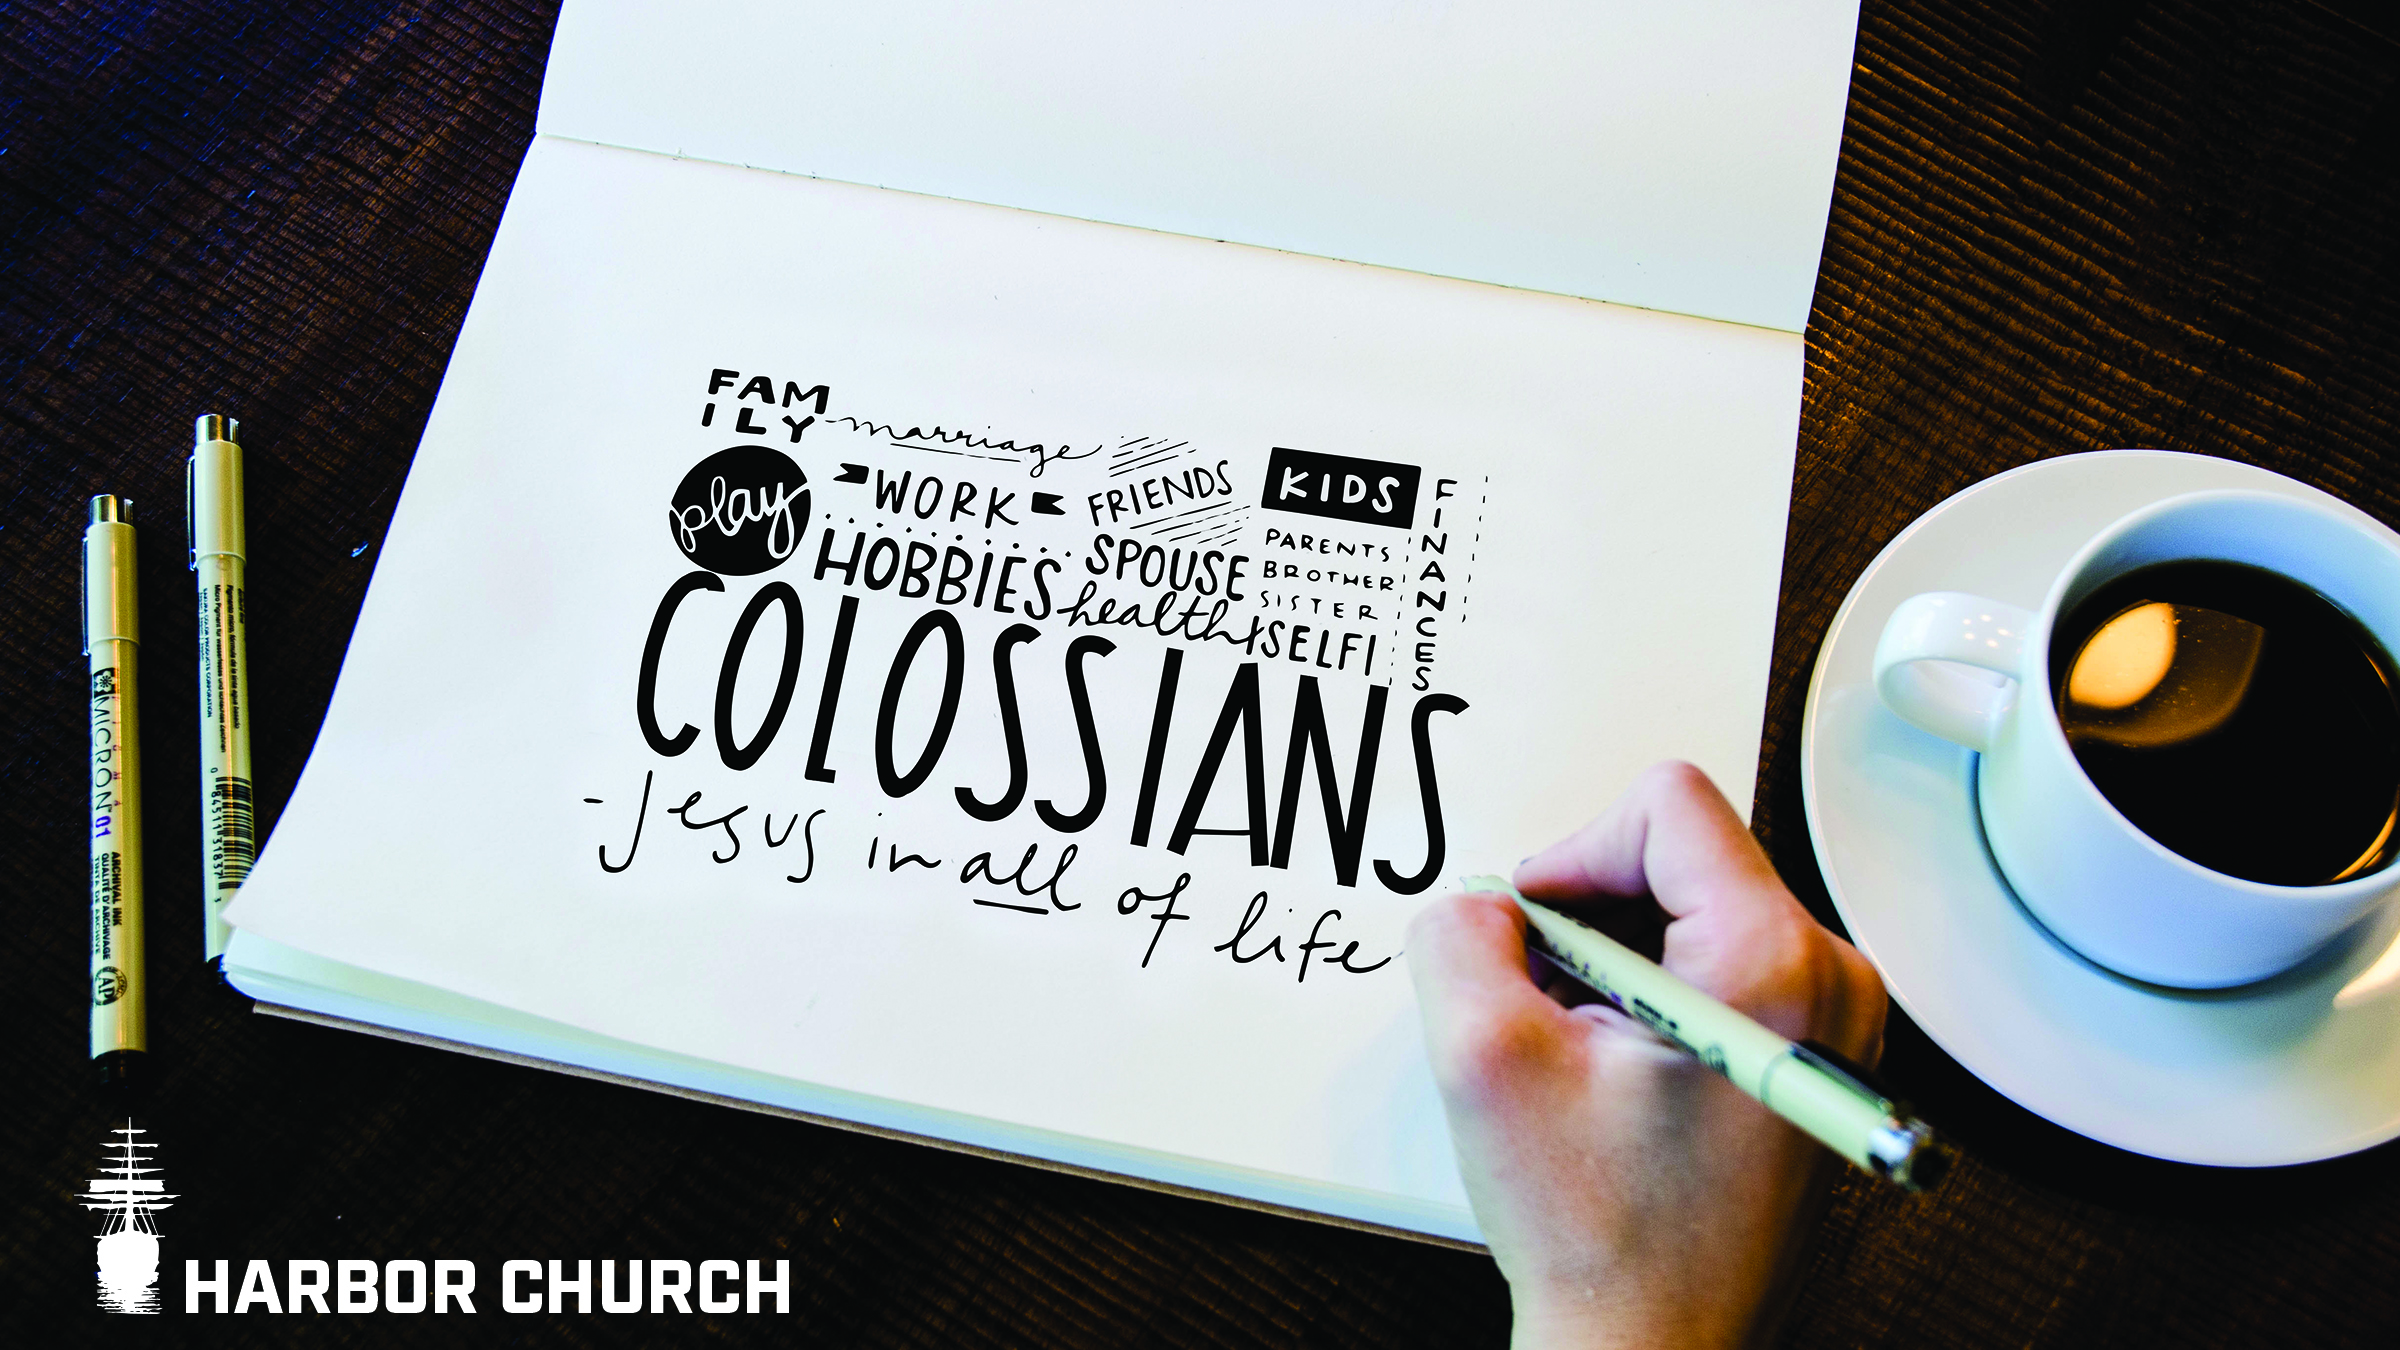 Colossians social media.jpg